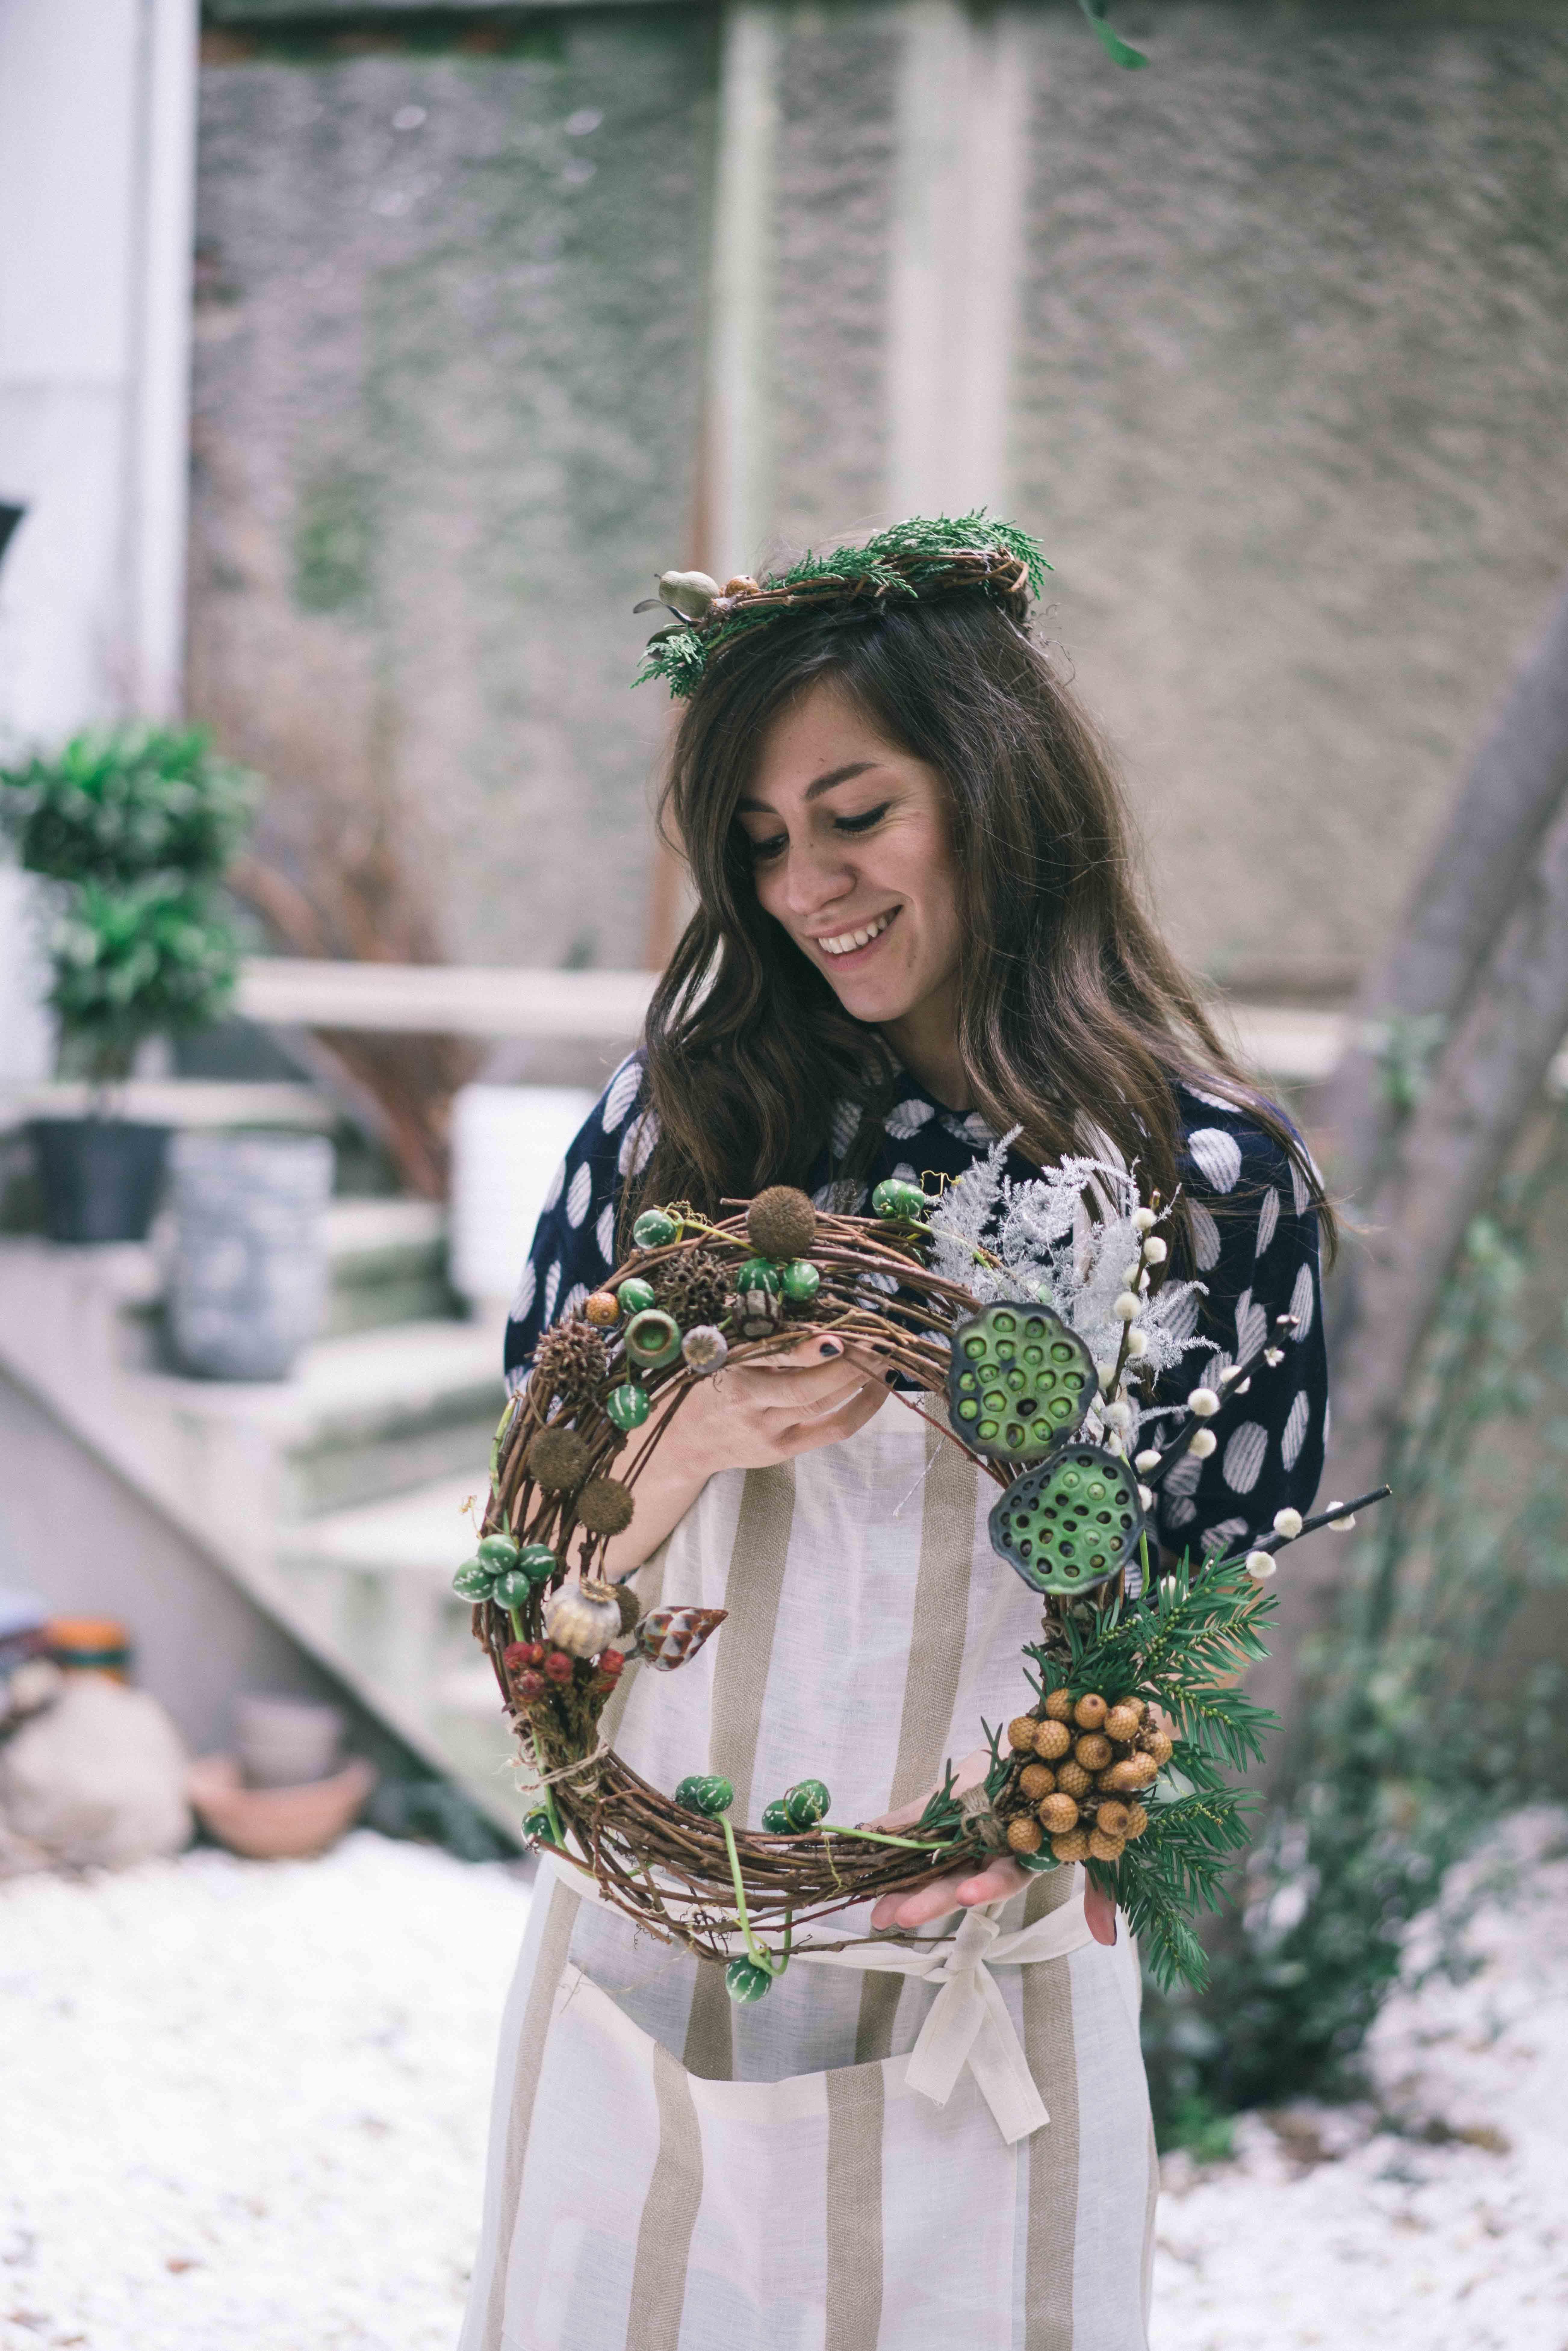 billur saatci, offnegiysem, turkish style blogger, street style, fashion, ootd, blogger, istanbul, vesaire, vesaire atölye, cos, çiçek atölyesi, çelenk , yılbaş çelengi, yıeni yıl çelenk, yılbaşı süsü,